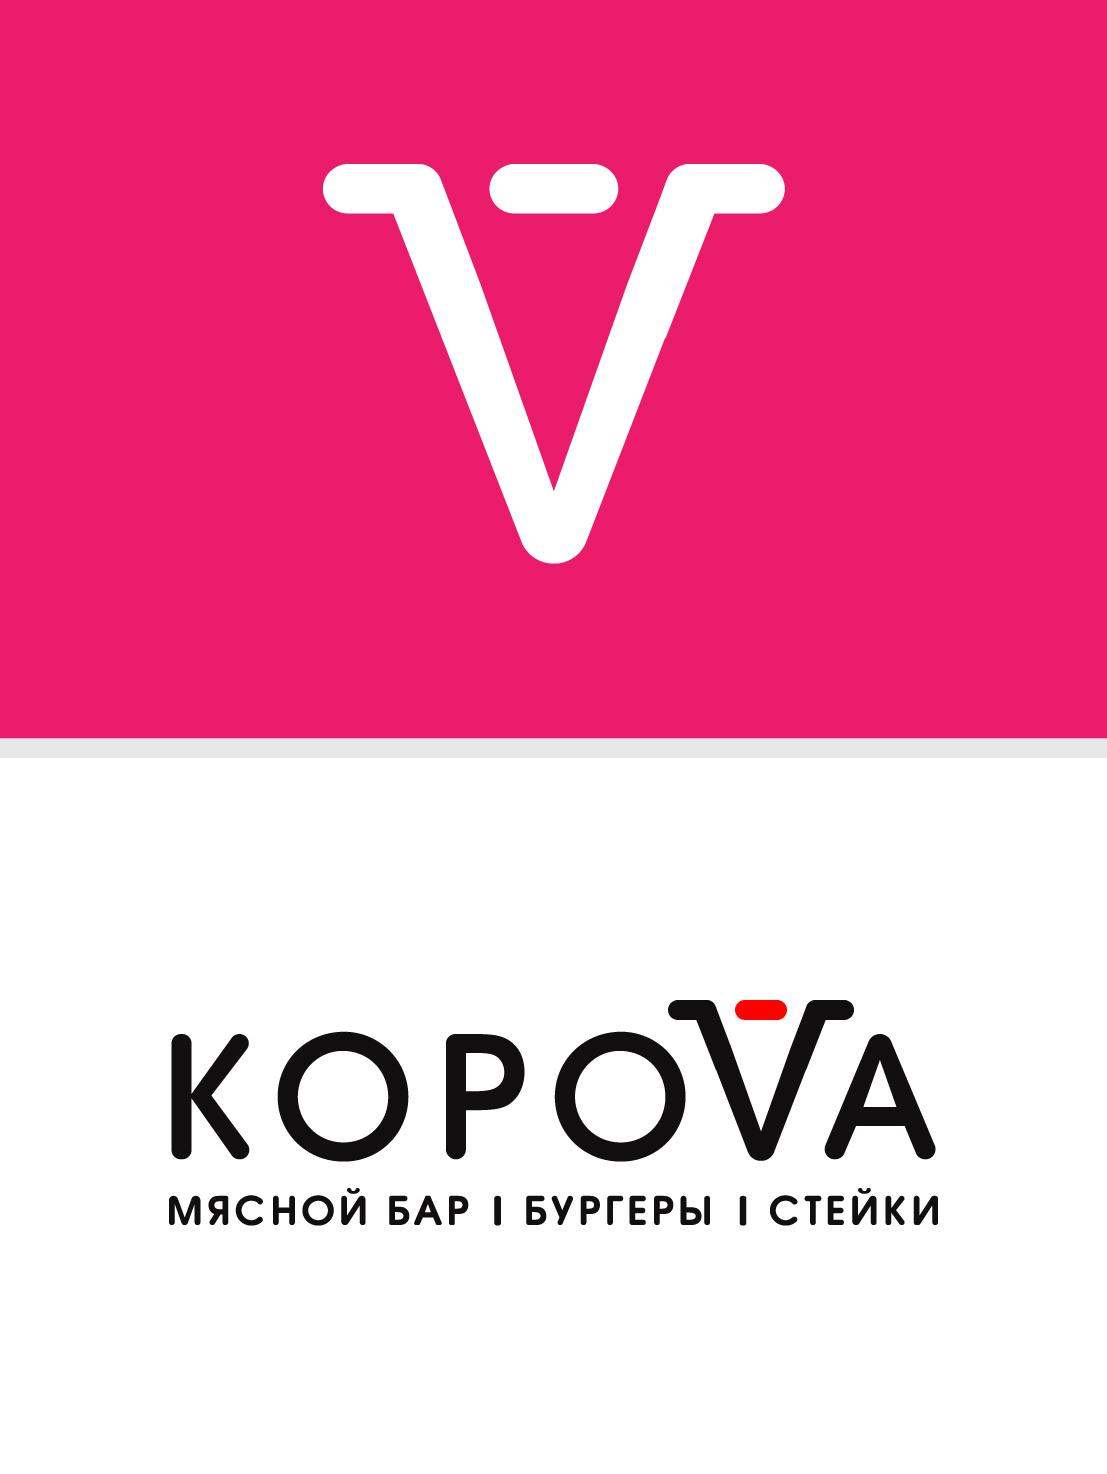 KOPOVA